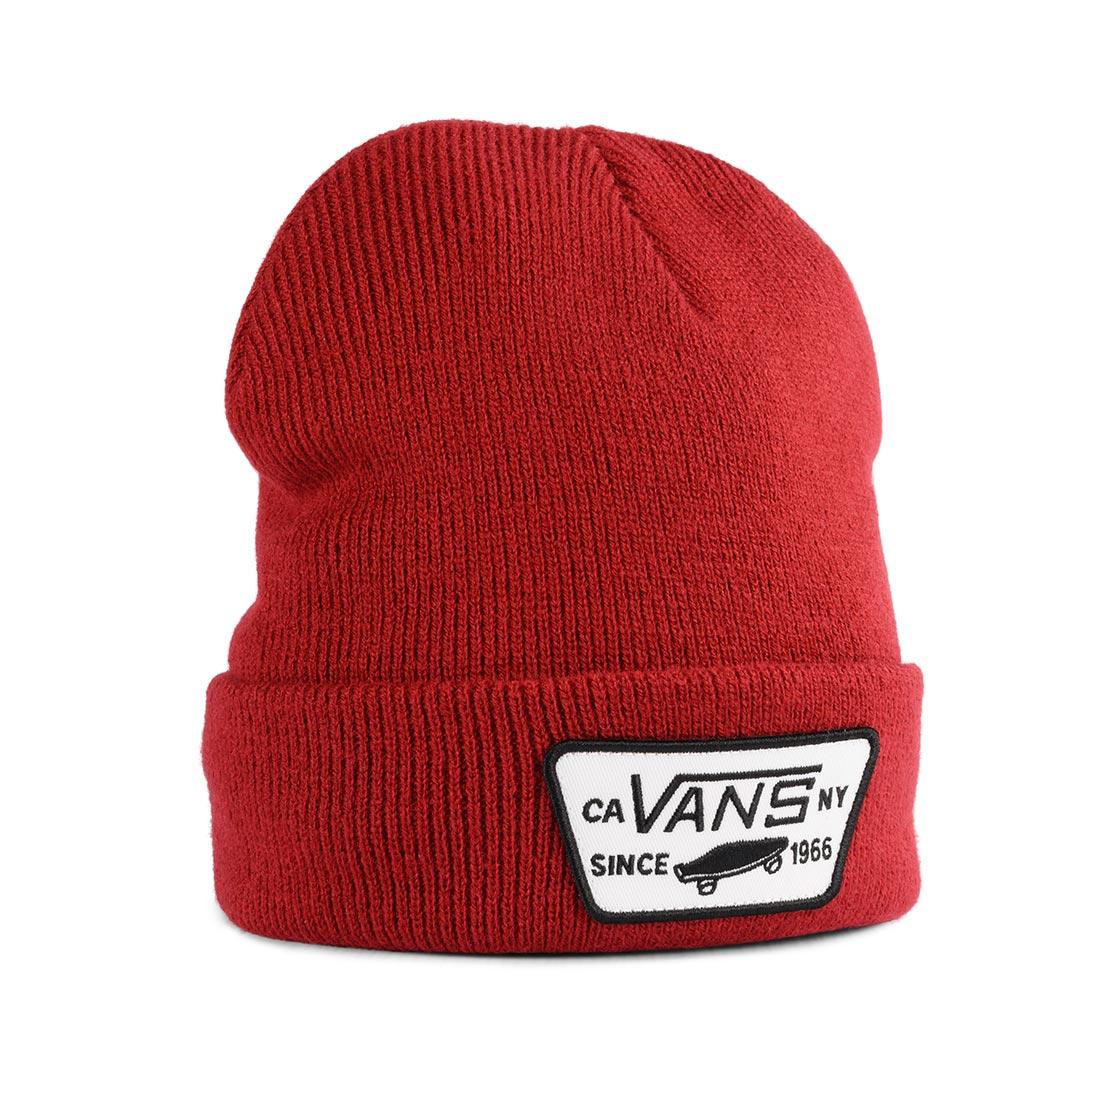 3b4b1d199 Vans Milford Cuff Beanie Hat - Biking Red